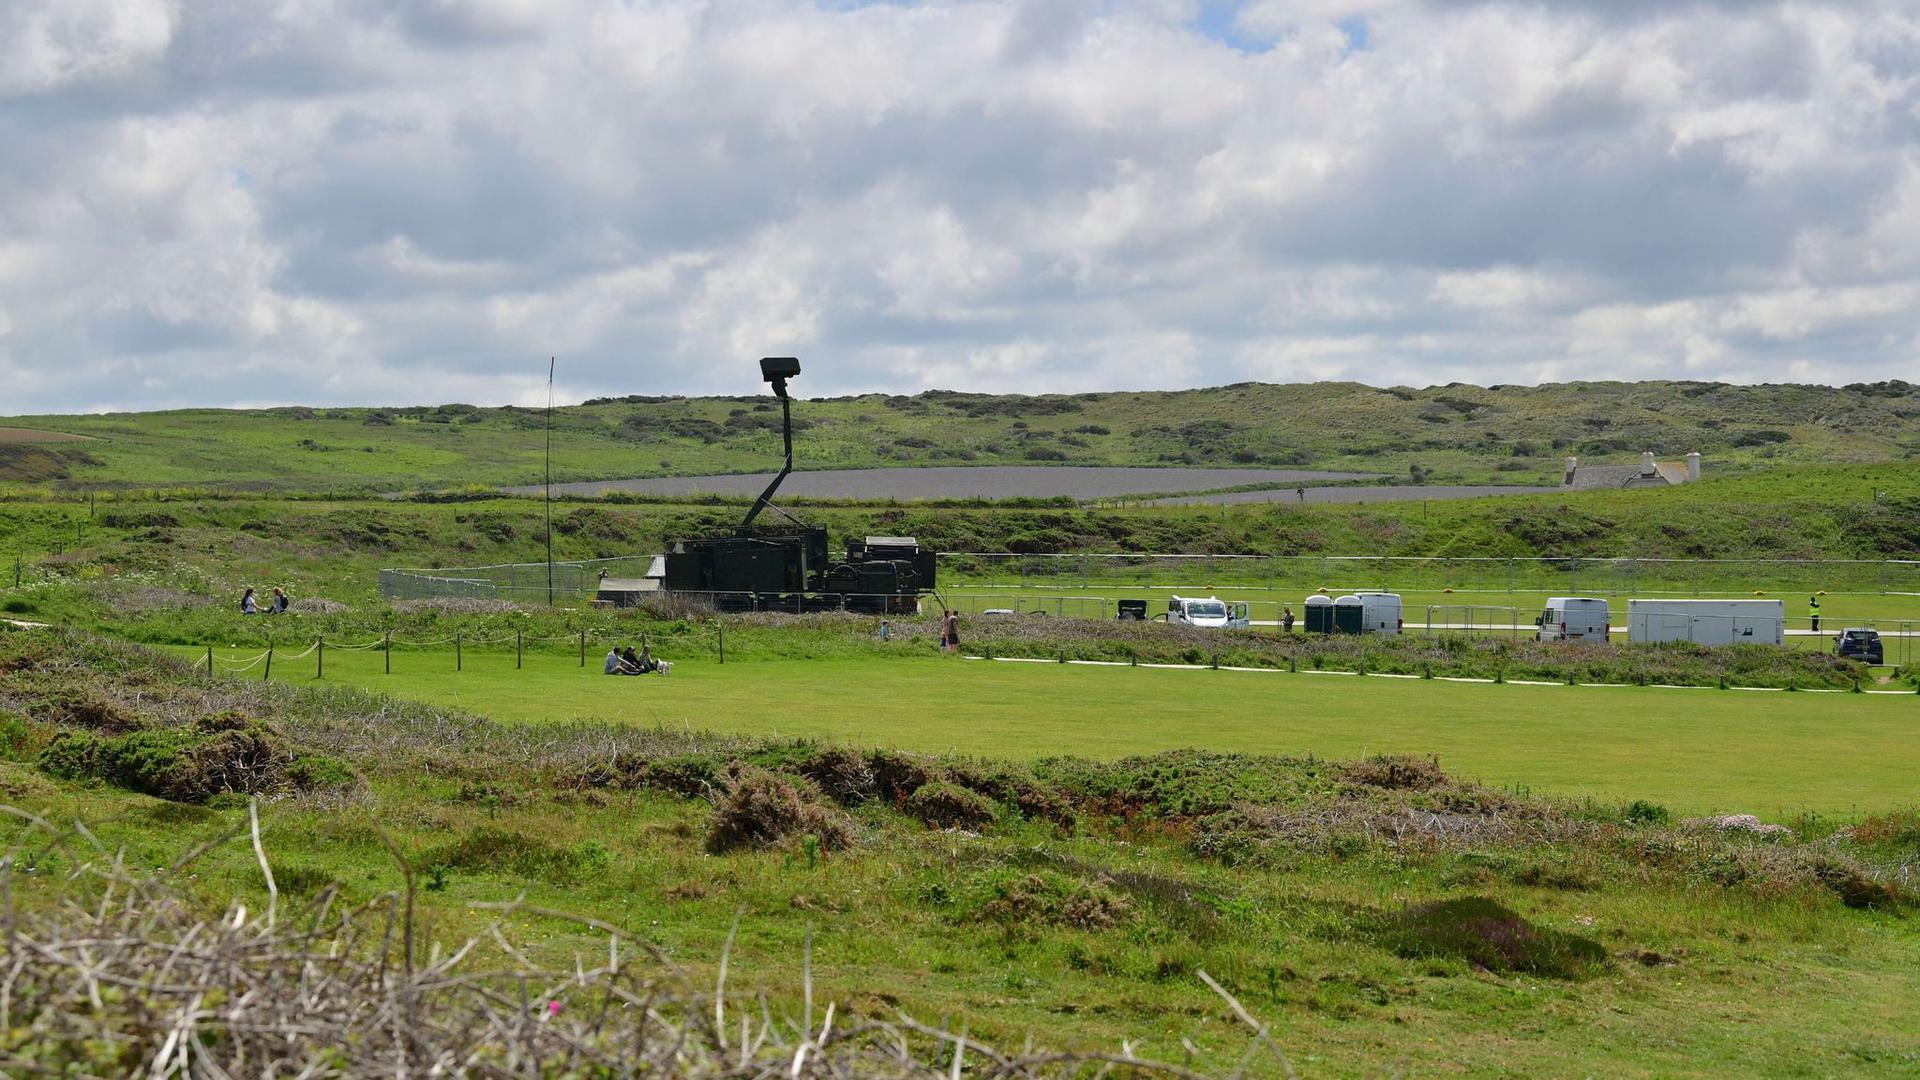 Der G7-Gipfel findet vom 11. bis 13. Juni in Carbis Bay, St Ives in Cornwall statt.